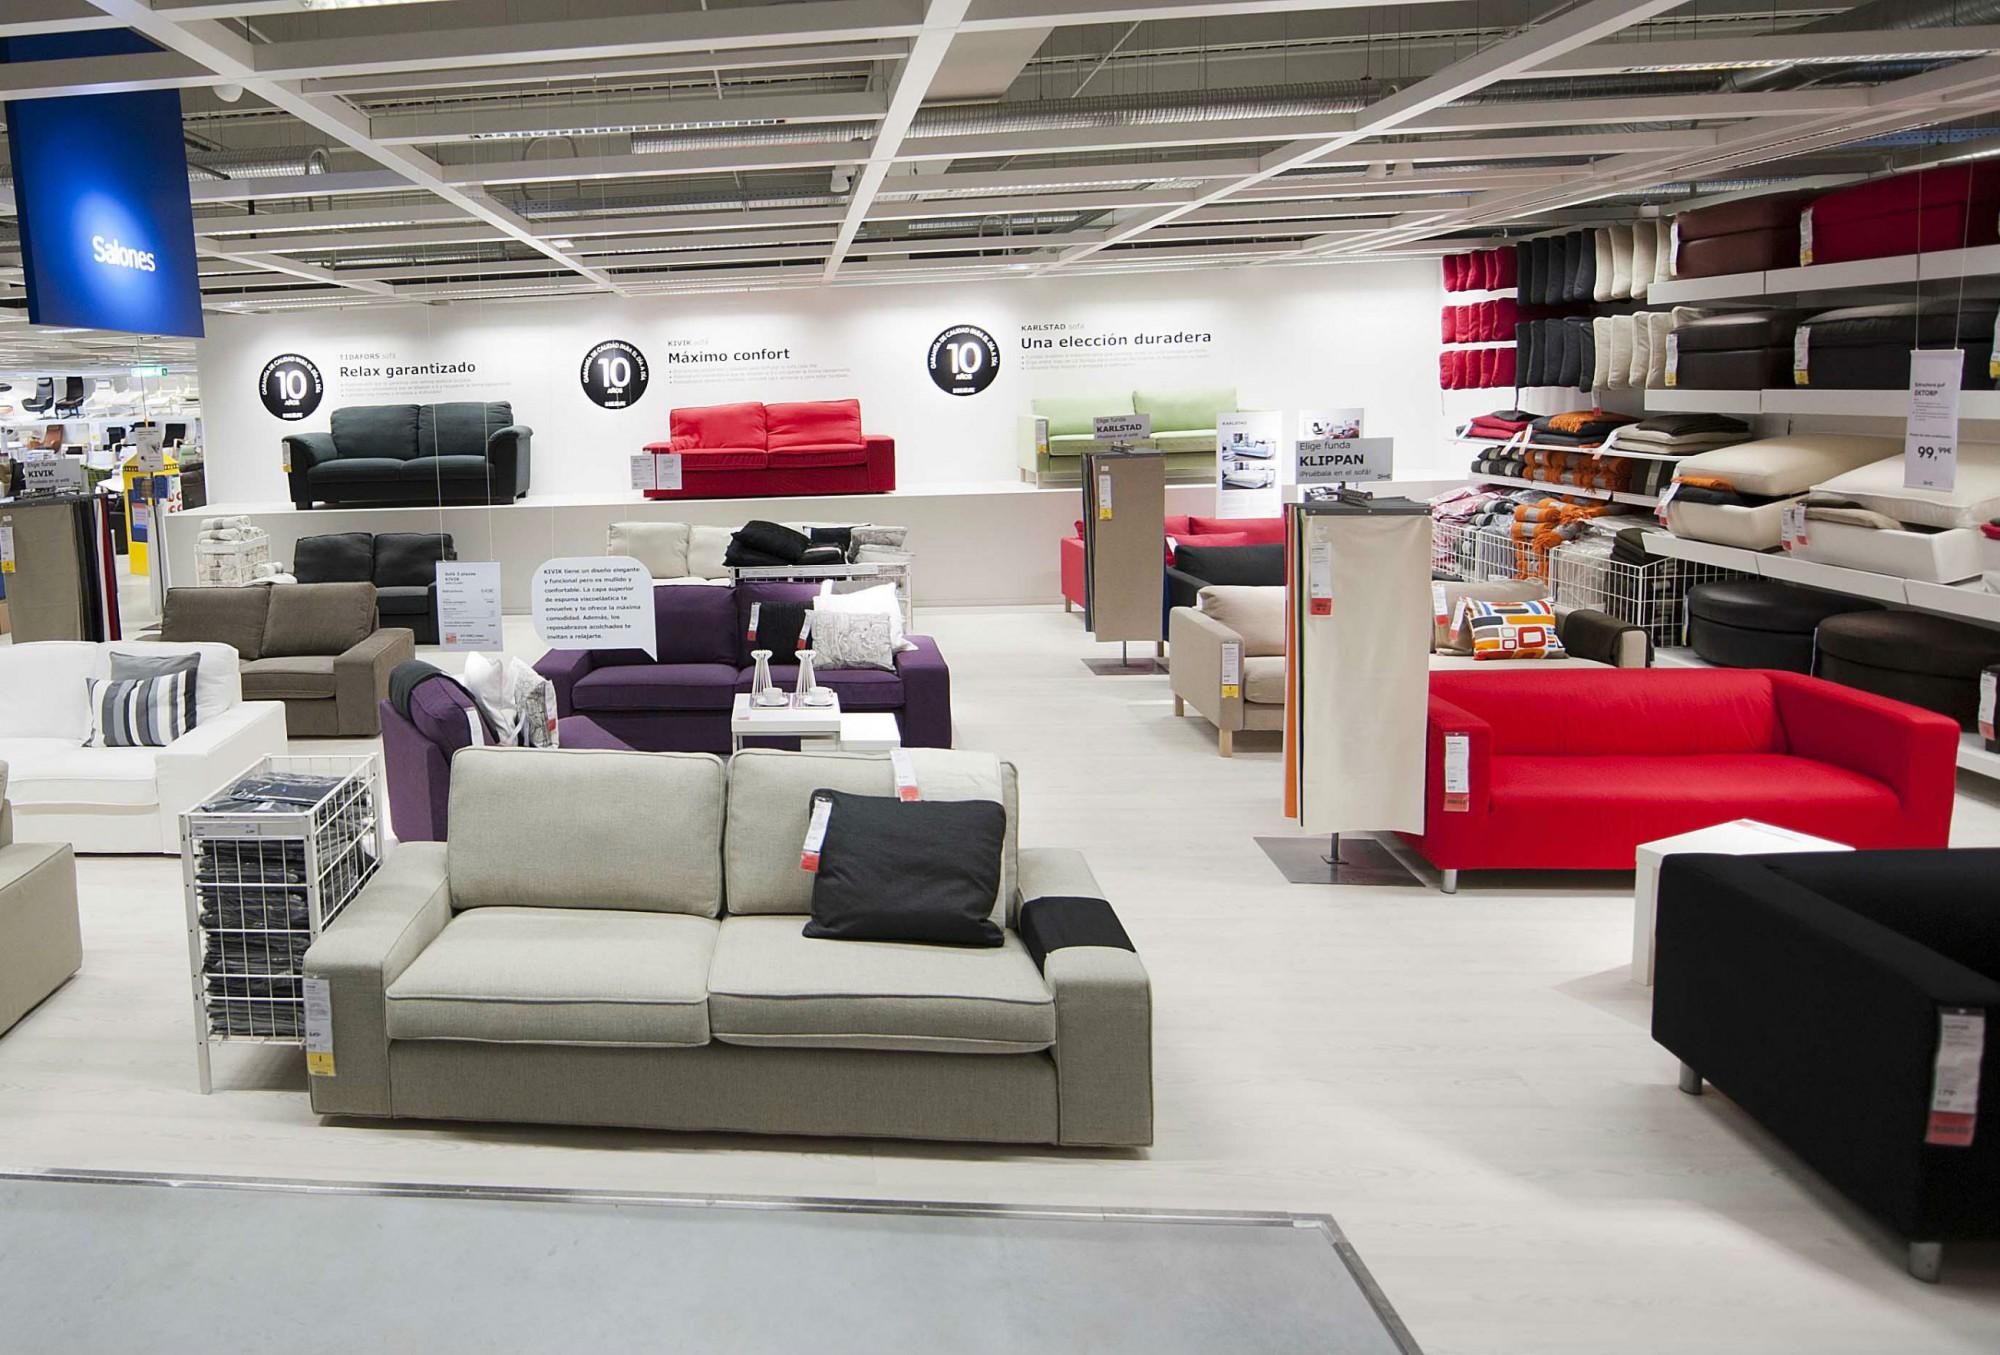 Ikea Redecora Su Negocio Se Abre A La Venta De Segunda Mano